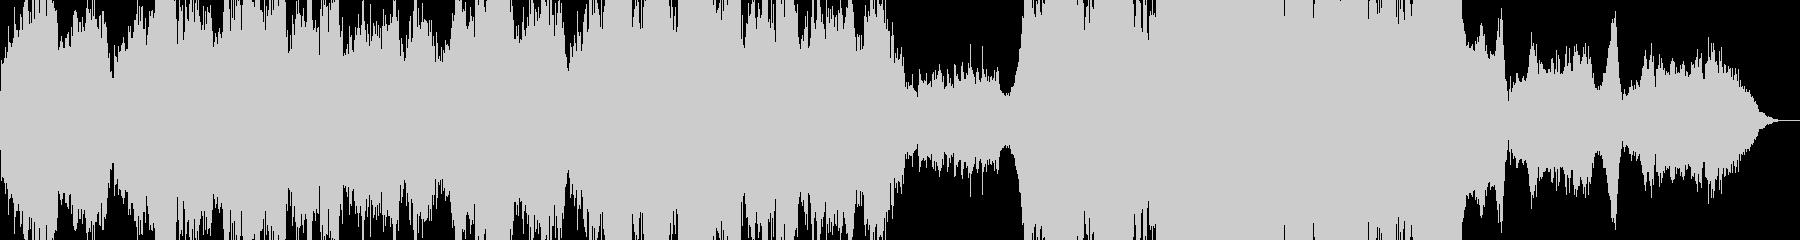 オーケストラ クワイヤー 感動の未再生の波形